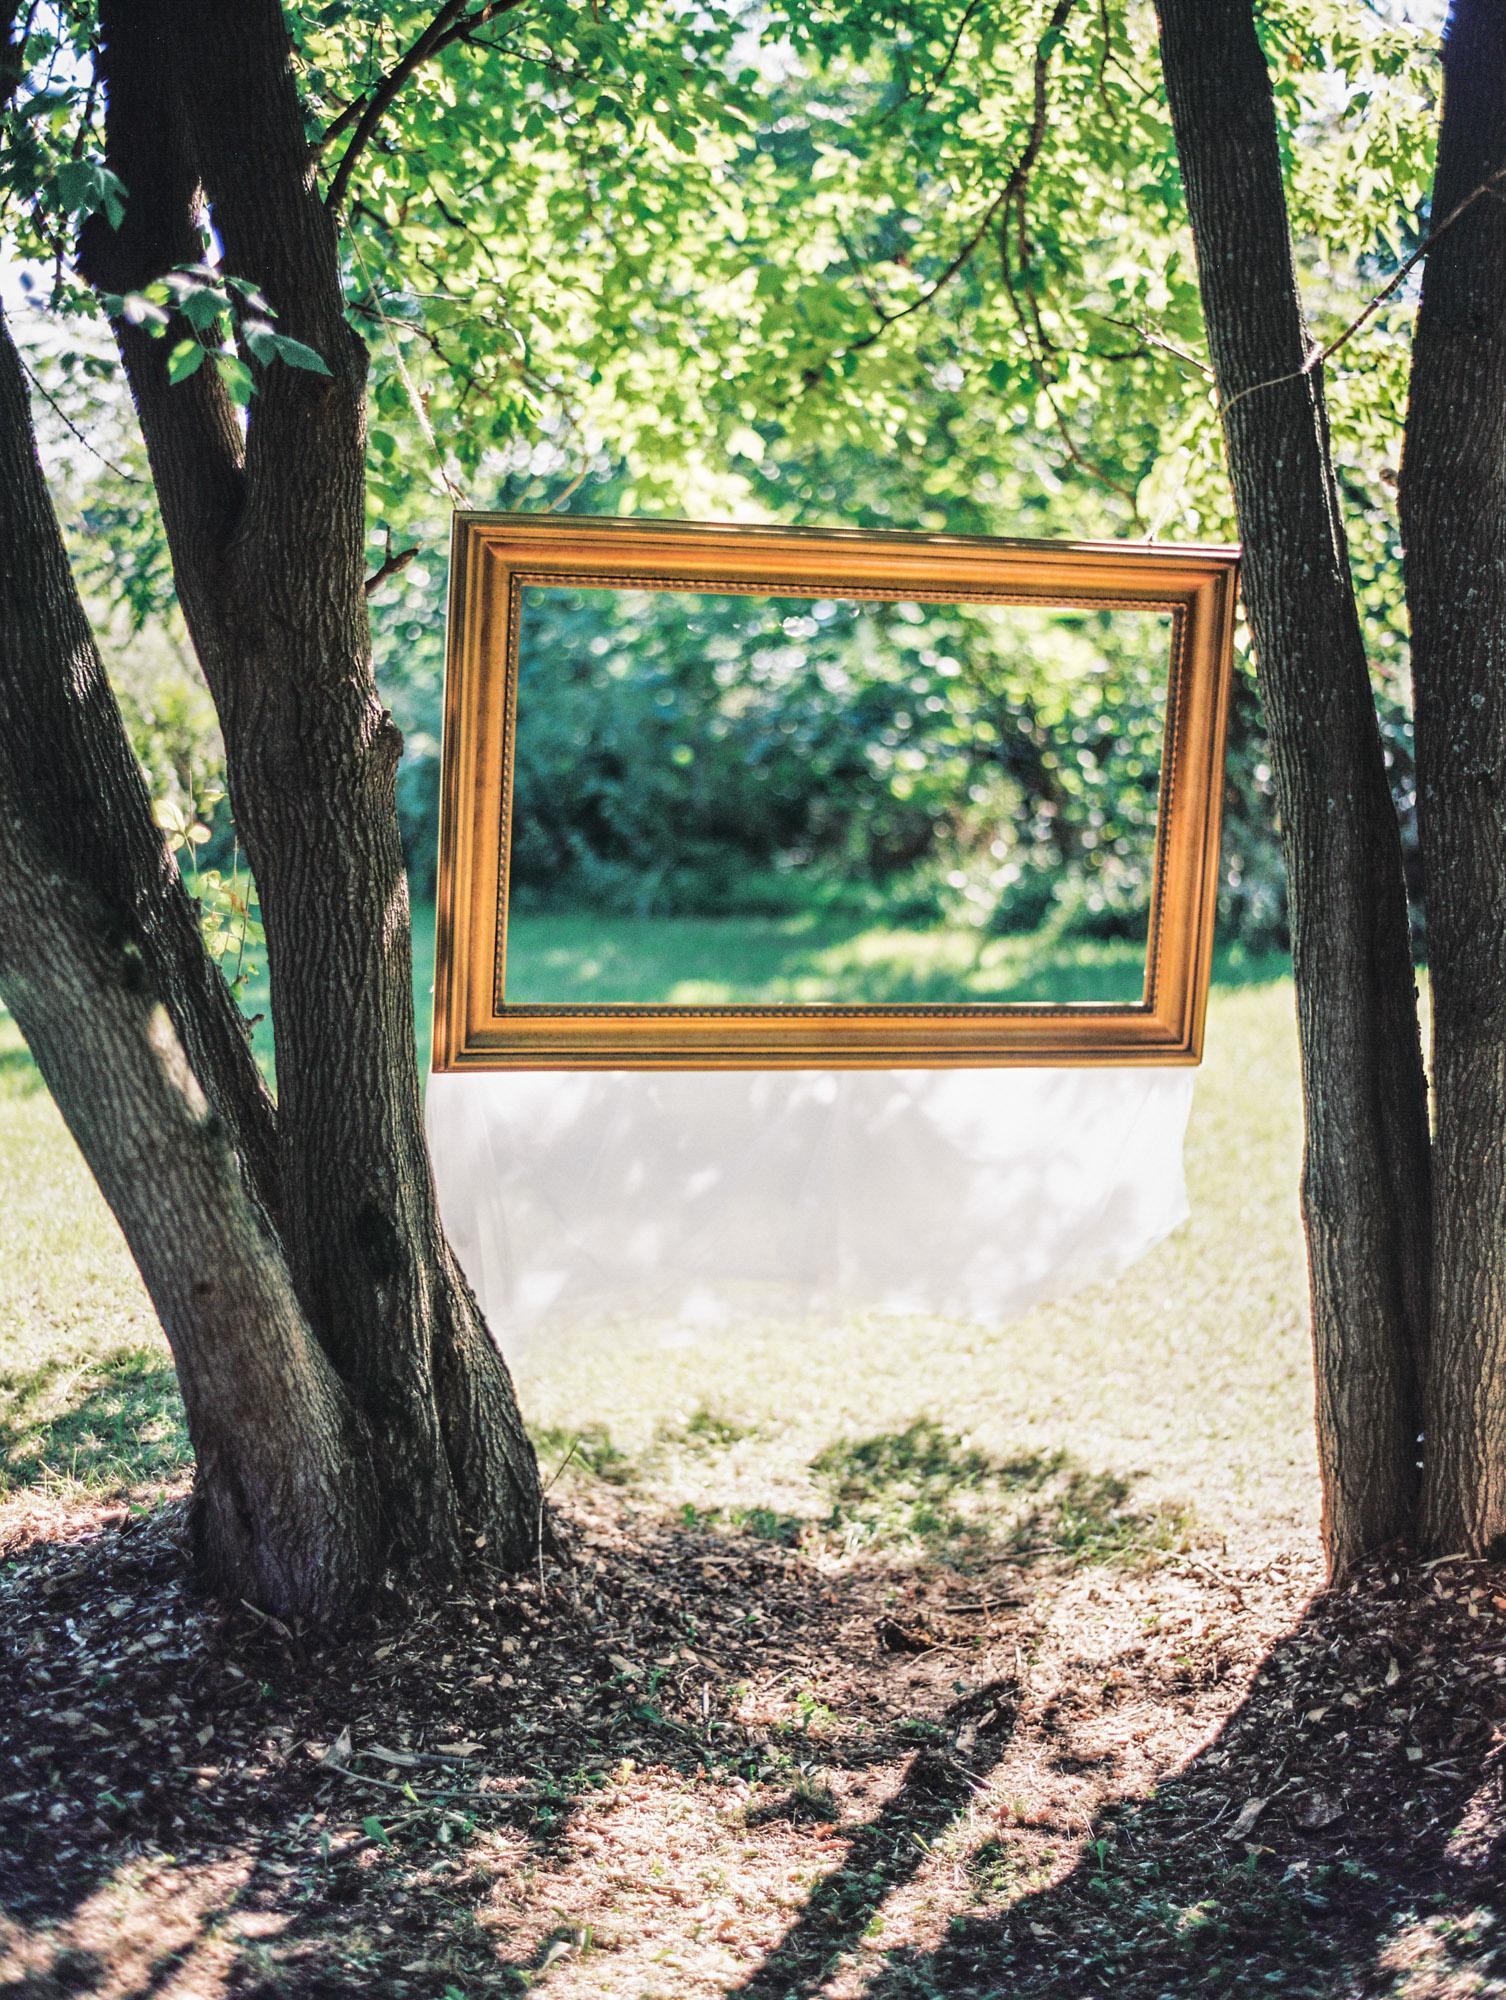 Frame between trees